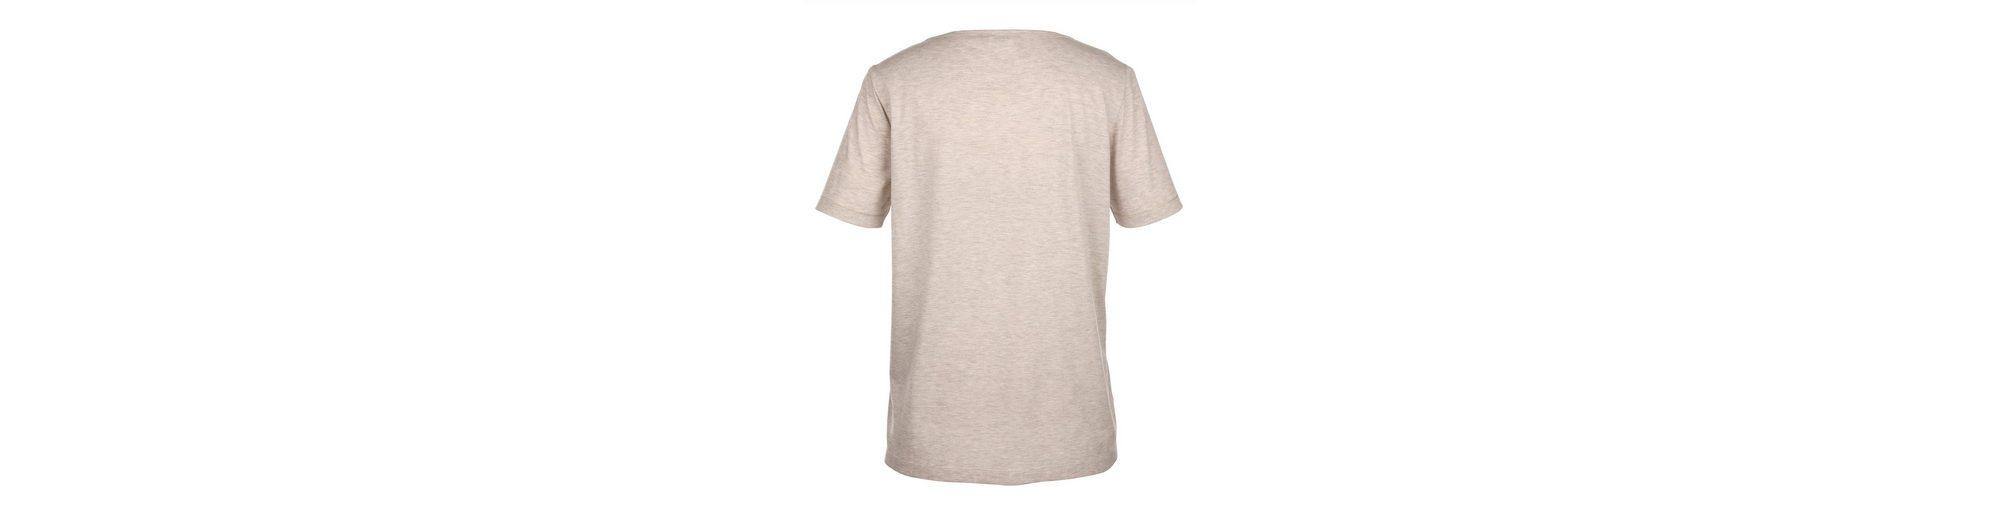 Freies Verschiffen Echte MIAMODA Shirt mit Tigermotiv aus Dekonieten Auslass Professionelle Neuesten Kollektionen Rabatt Geniue Händler Freies Verschiffen Großhandelspreis 6kDpXveFU